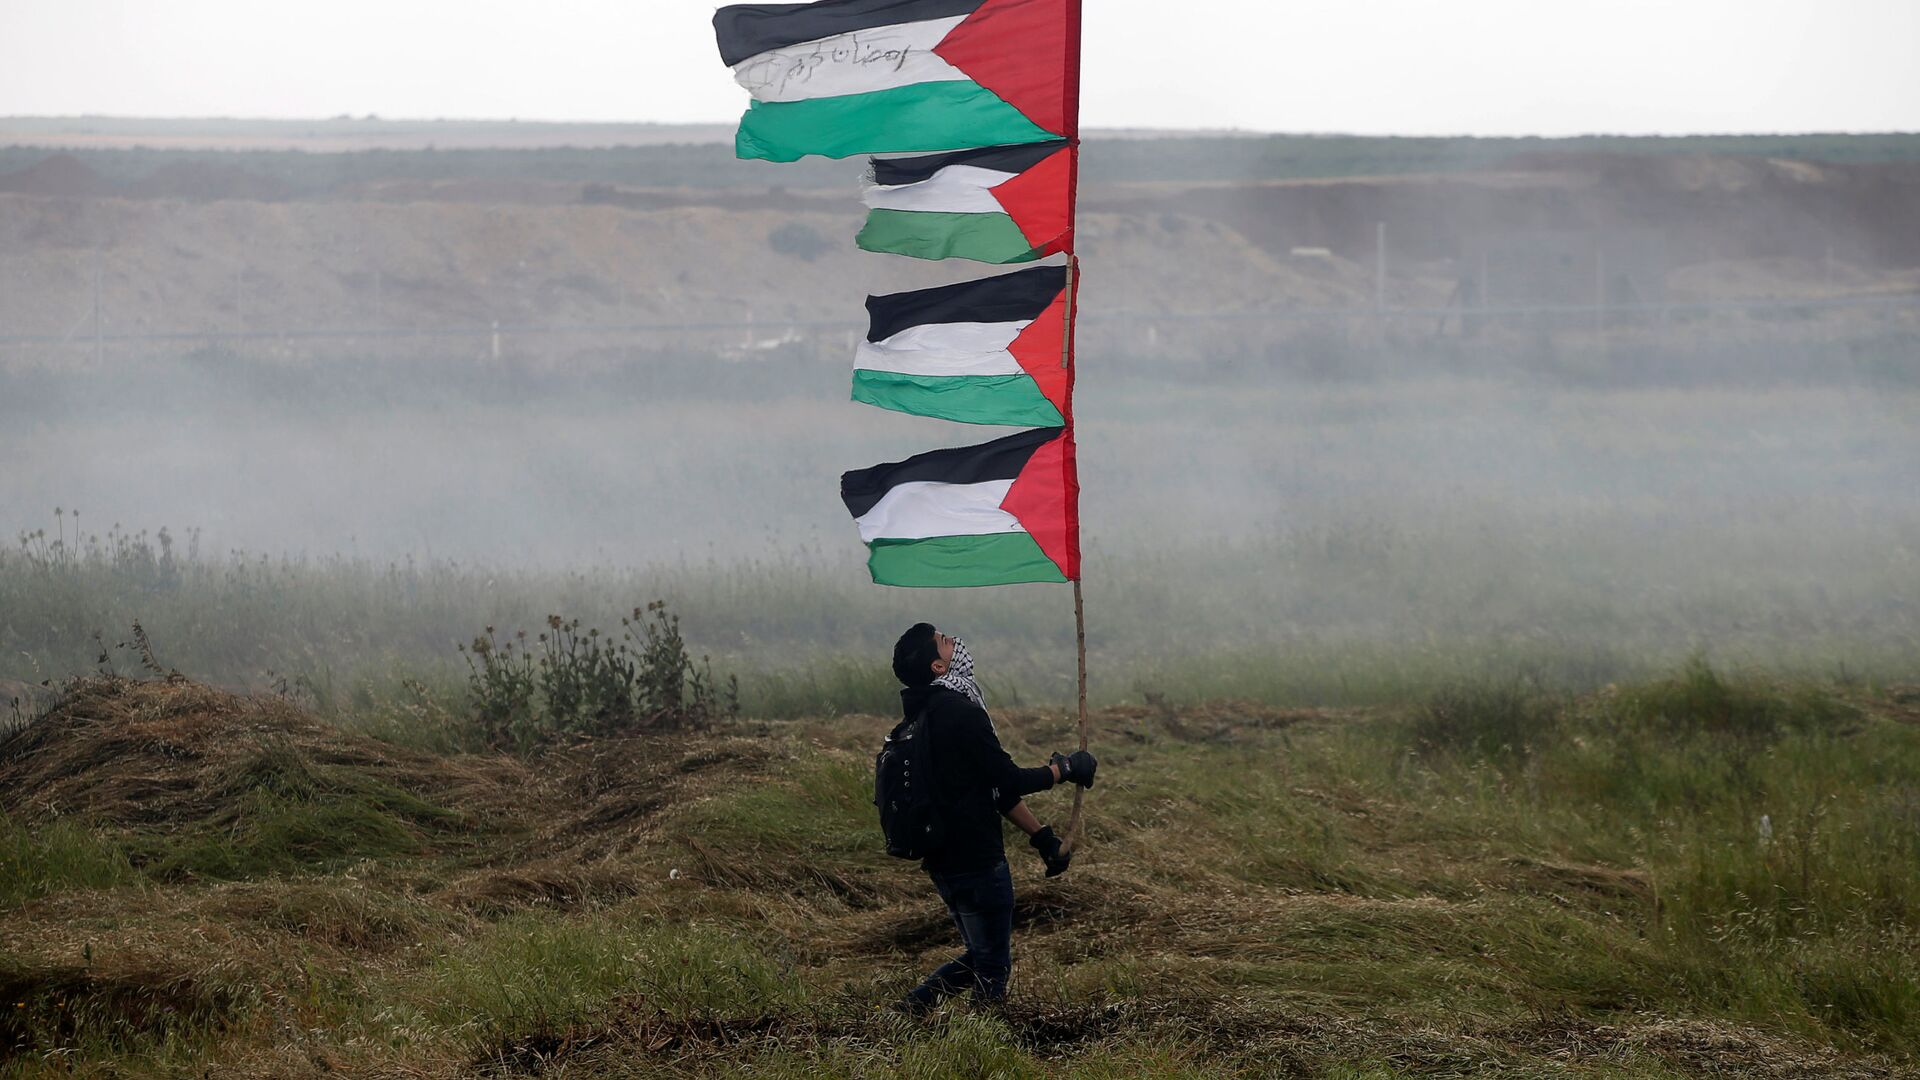 Le proteste dei palestinesi nella Striscia di Gaza al confine con l'Israele - Sputnik Italia, 1920, 06.09.2021